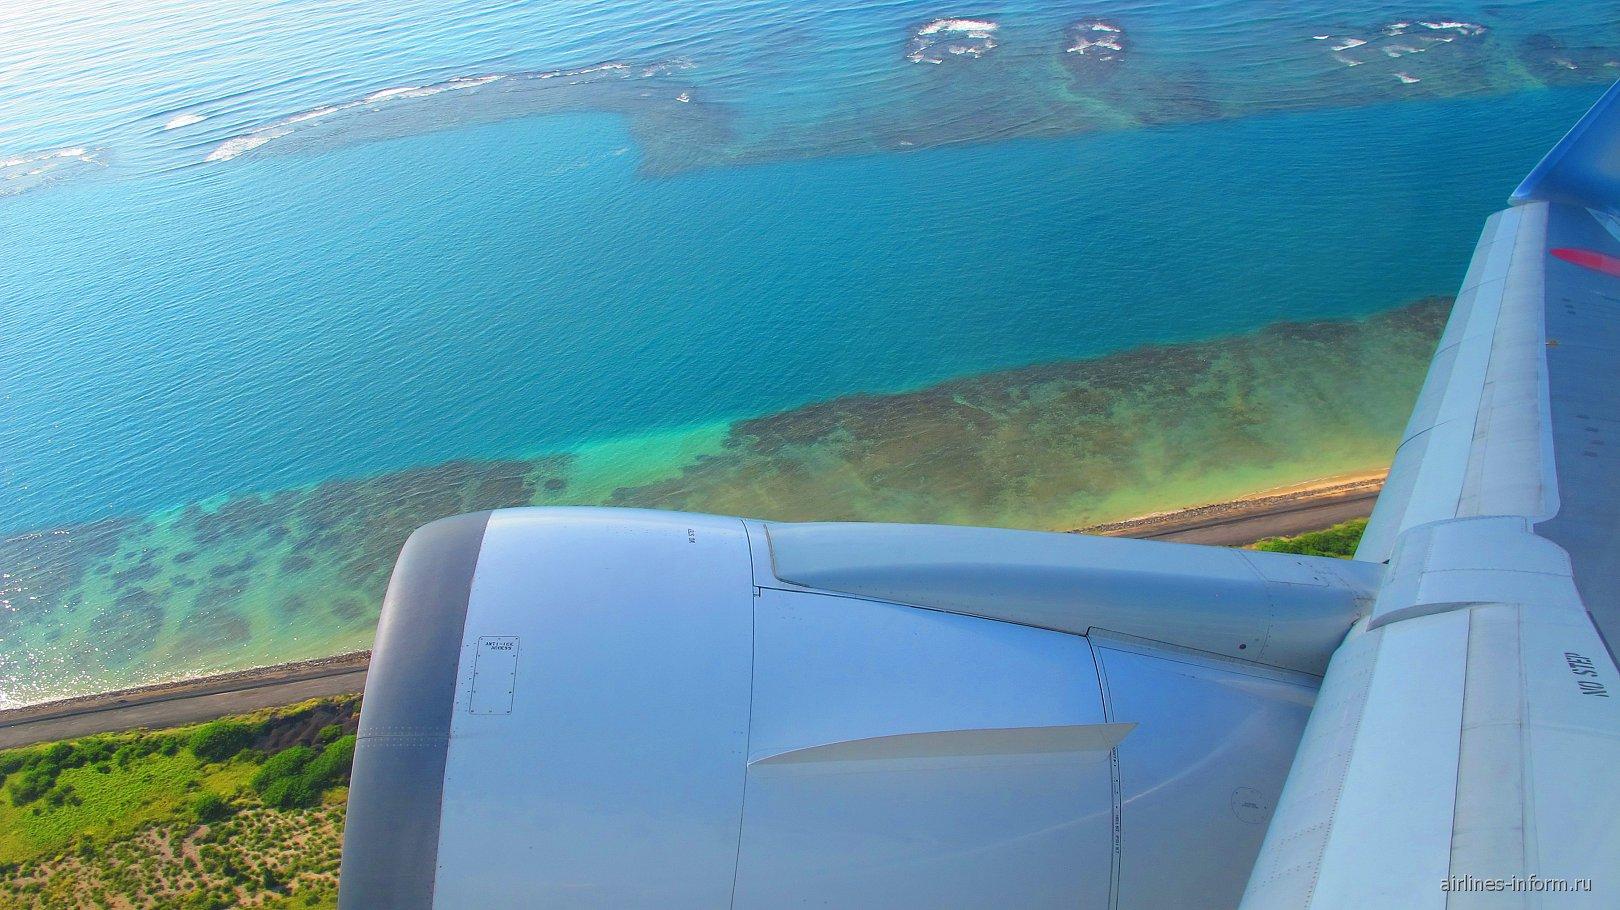 Путешествие в 50-й штат Америки. Часть 2. Токио (NRT) – Гонолулу (HNL) с авиакомпанией Japan Airlines